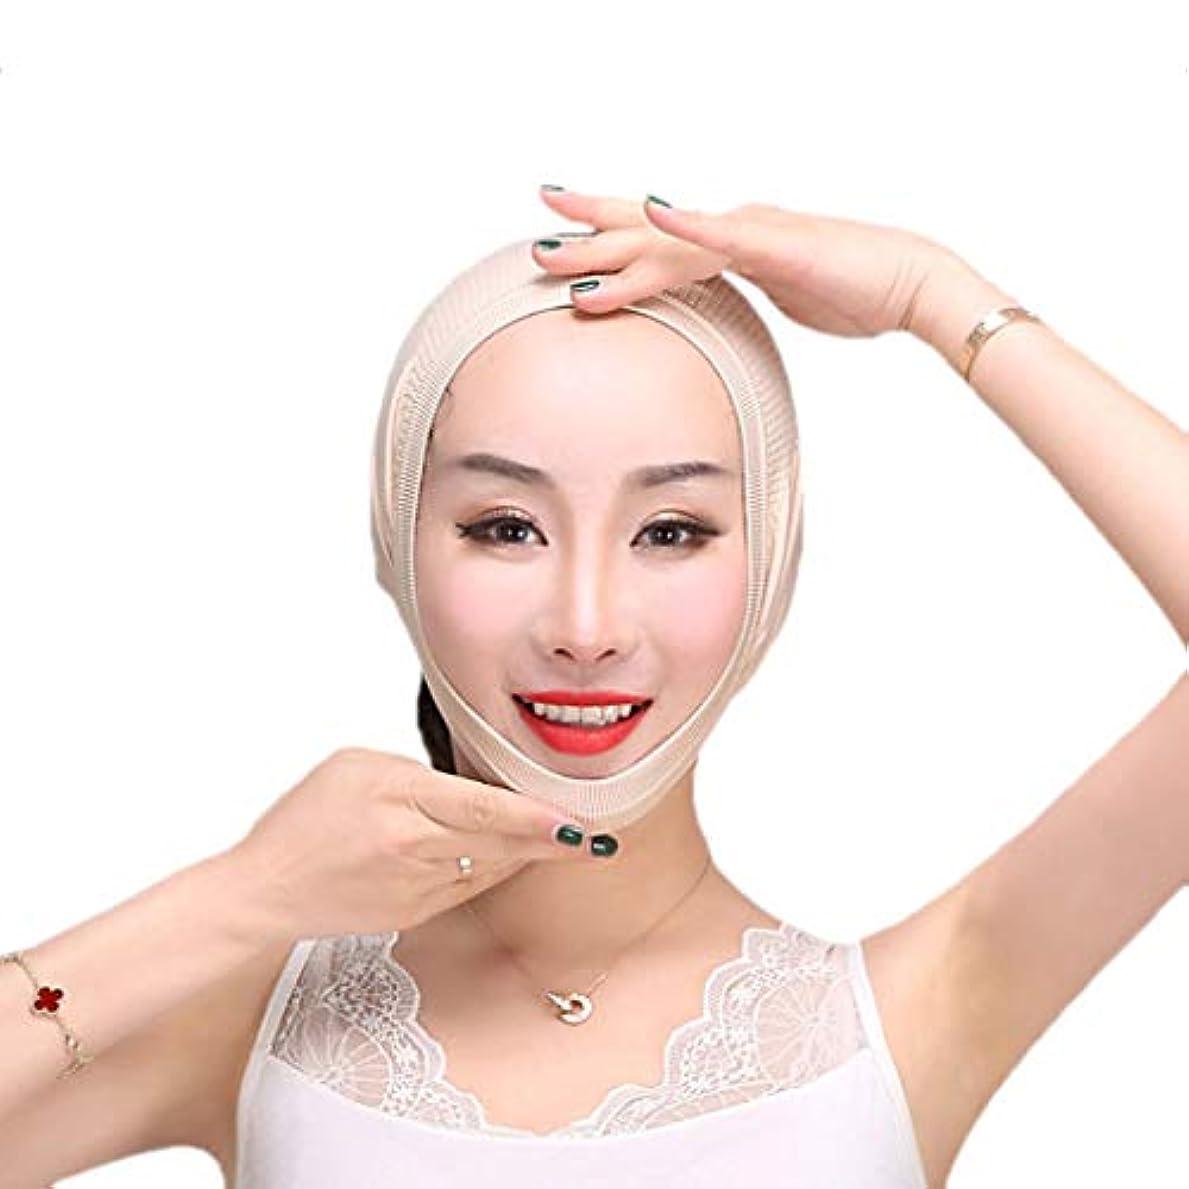 文明化レルム市民フェイスリフトマスク、フェイススリミングマスク、チンストラップ、フェイスマッサージ、フェイシャル減量マスク、チンリフティングベルト(ワンサイズ)